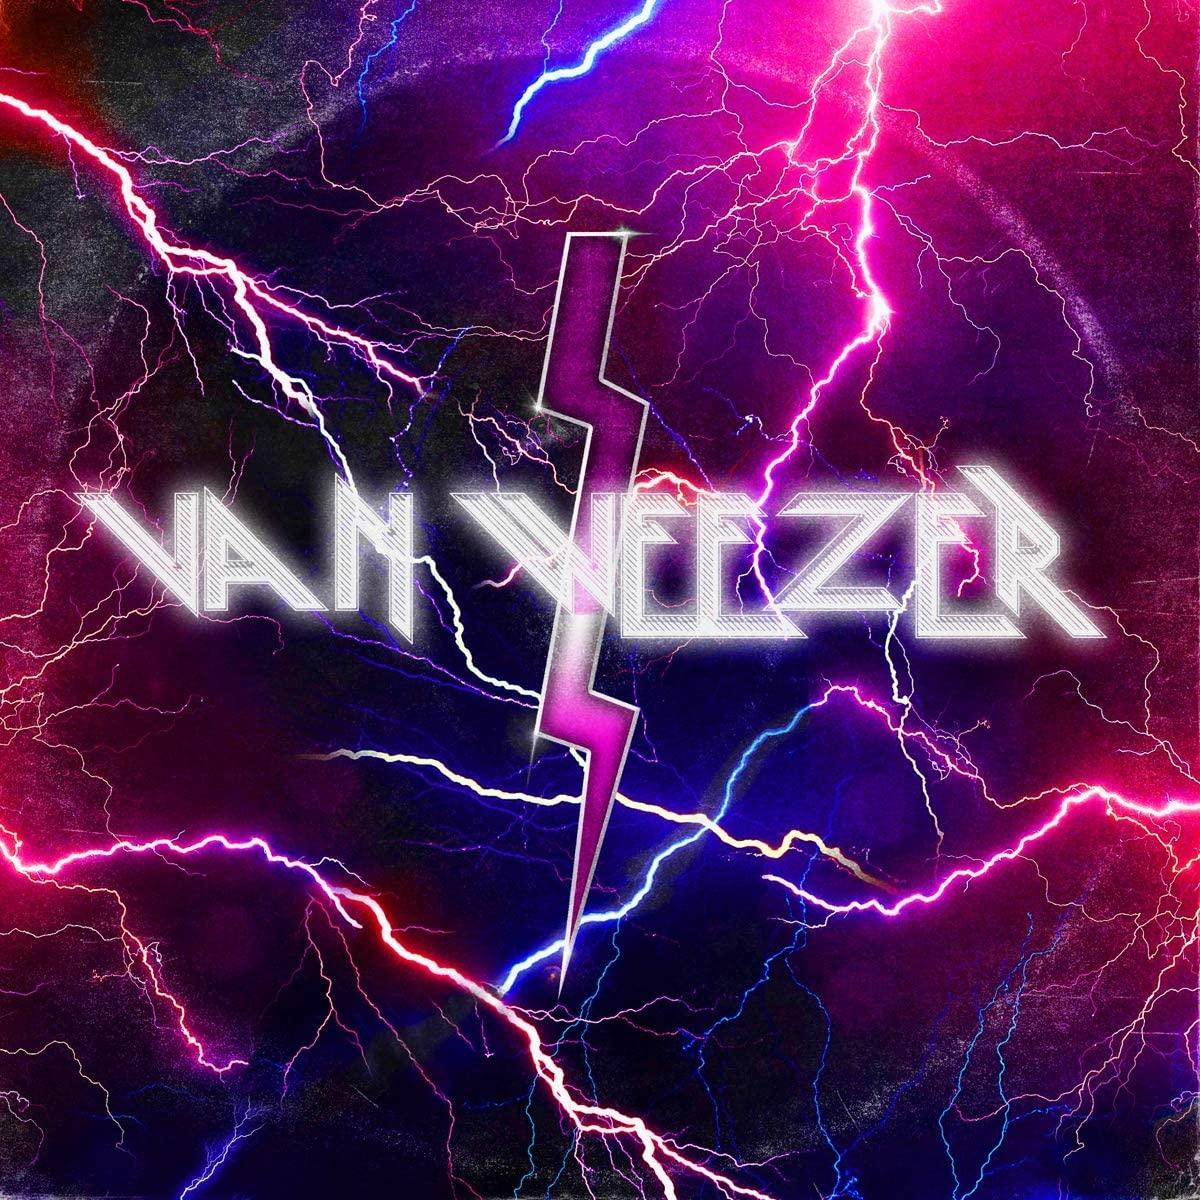 Weezer / Van Weezer